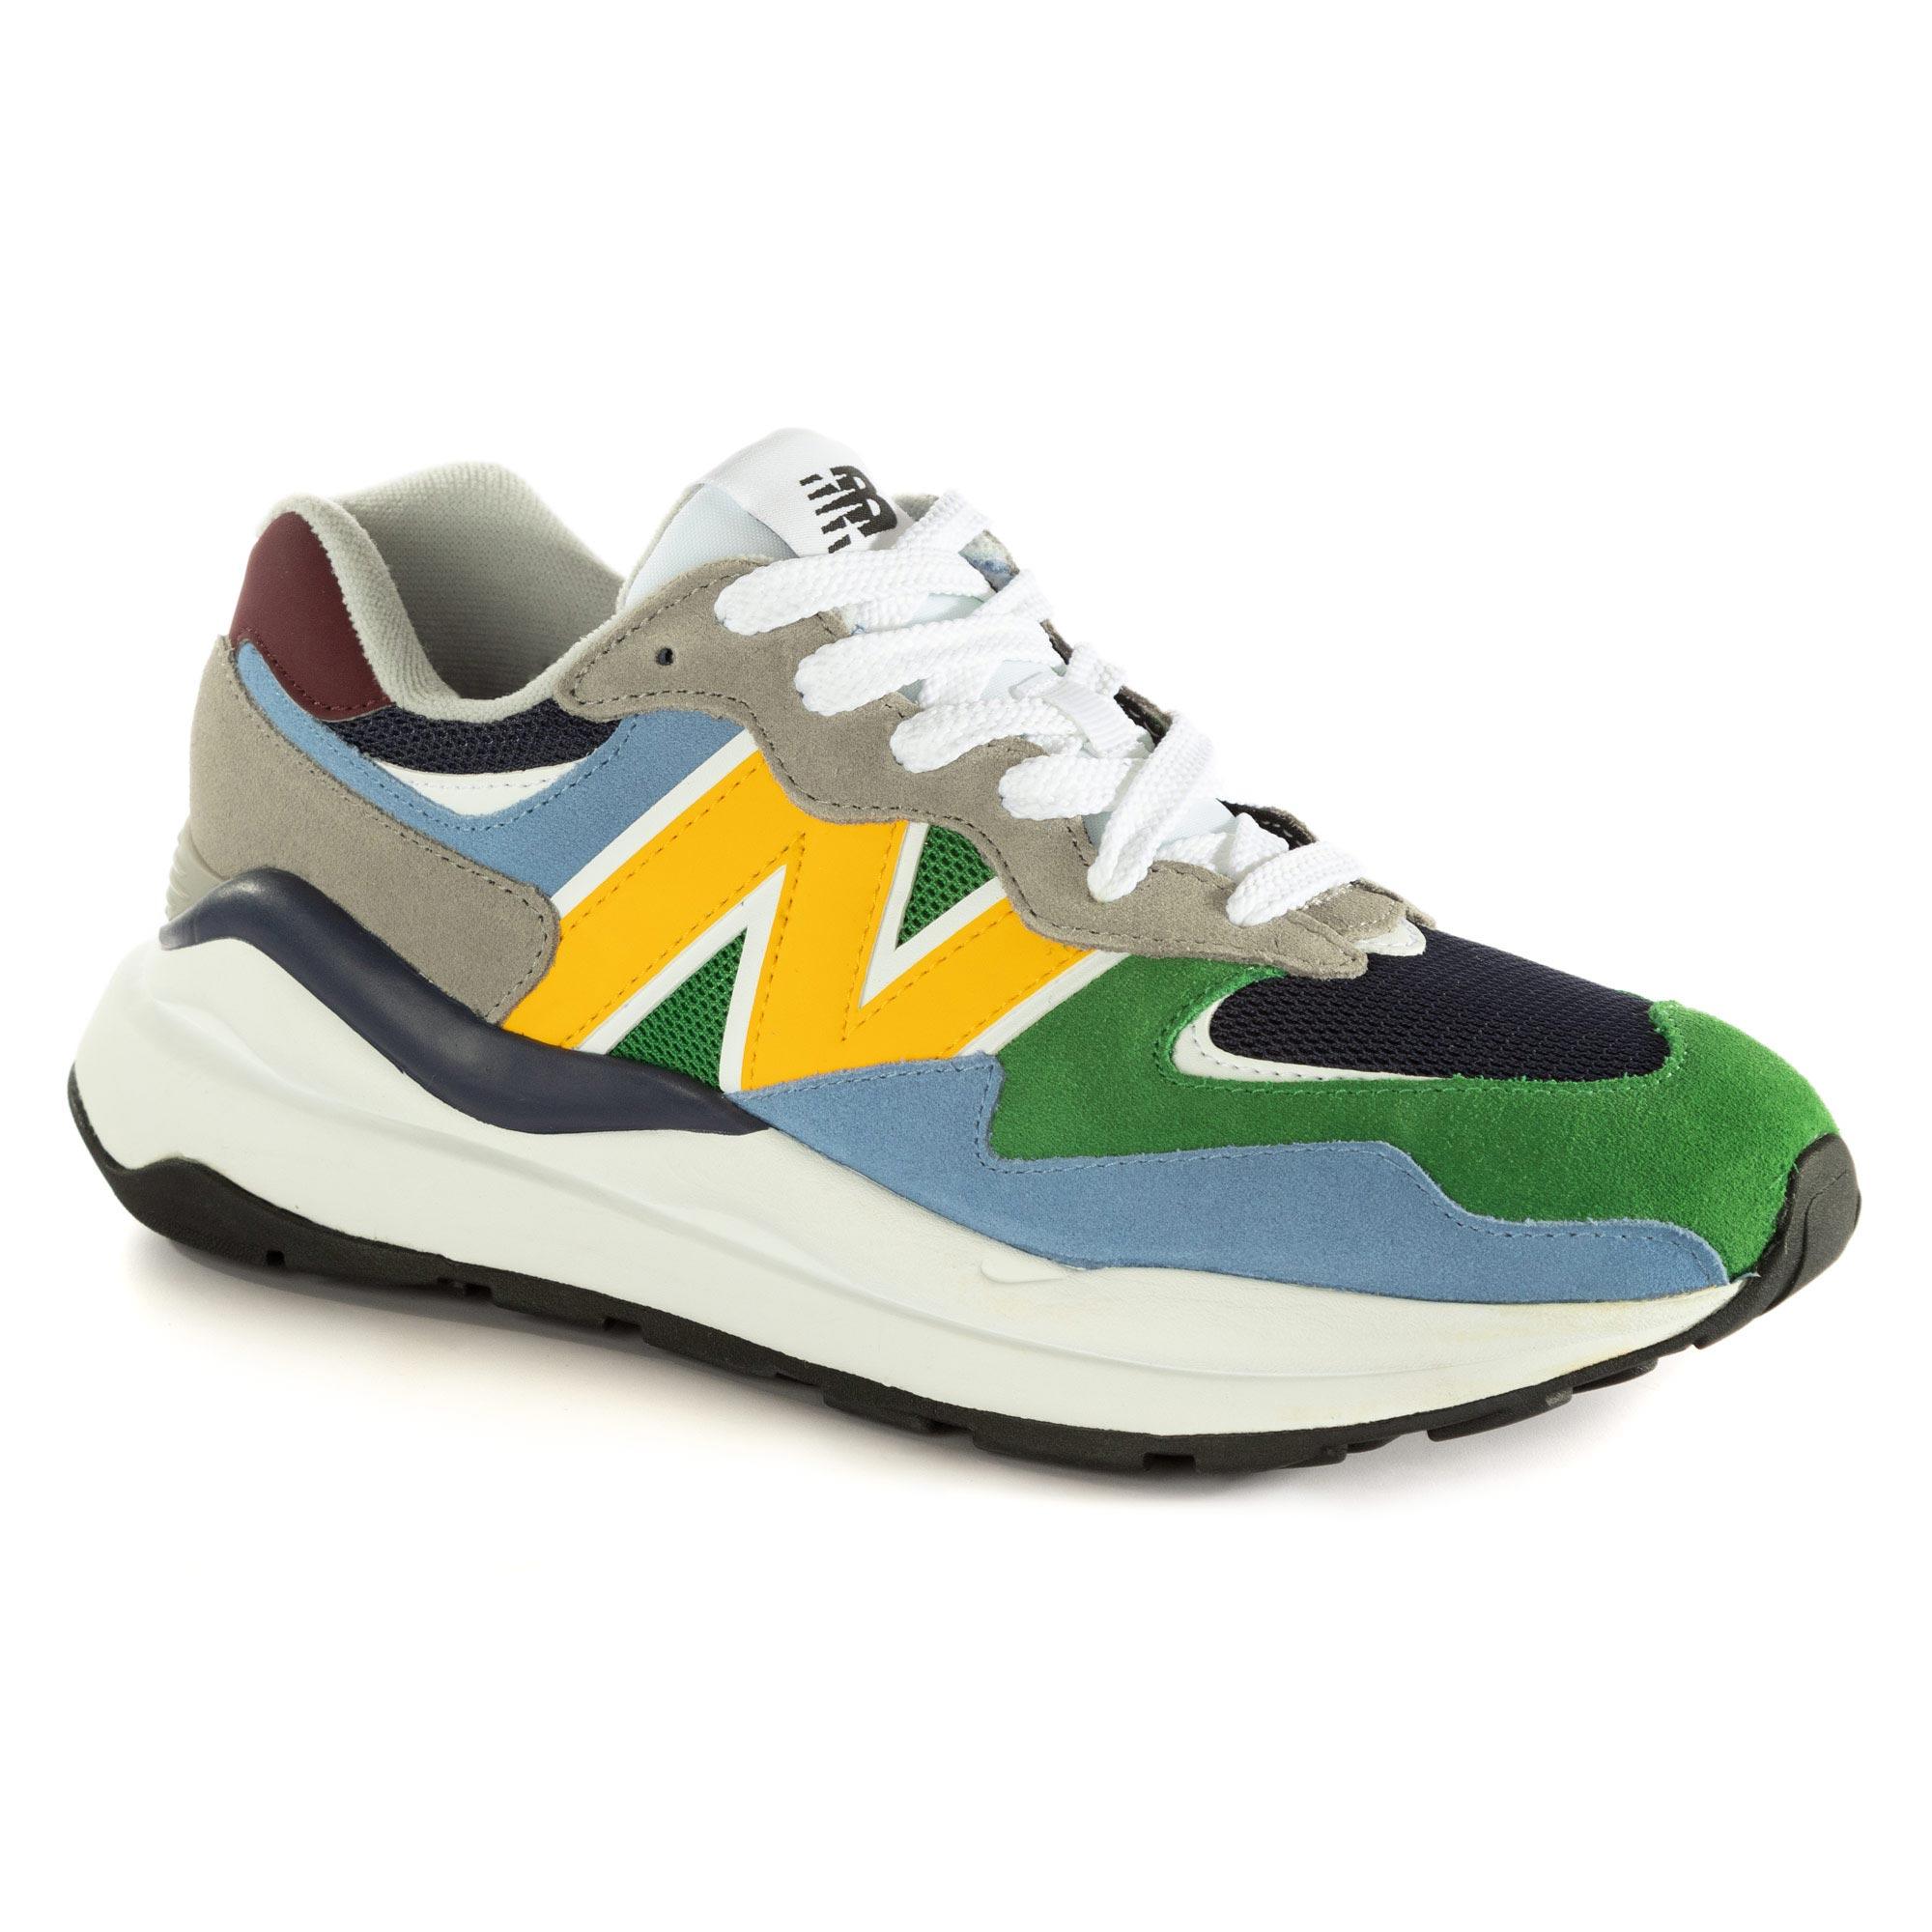 New Balance Tênis 5740 Casual Masculino Multicolor M5740GA